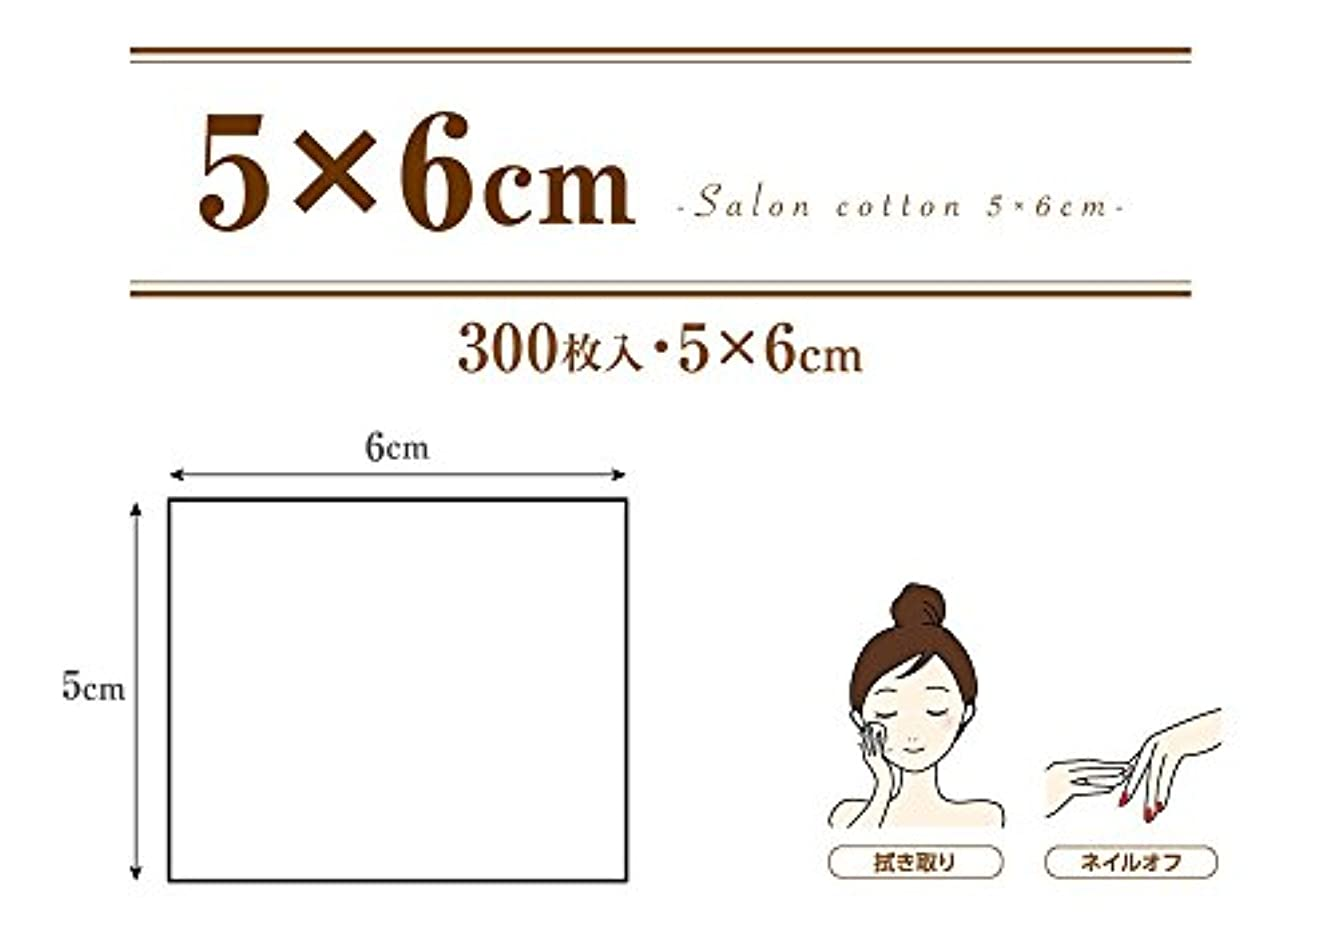 オーラルアレルギー性甘味業務用 コットンパフ (5×6cm 300枚入 箱入り) サロンコットン 5×6